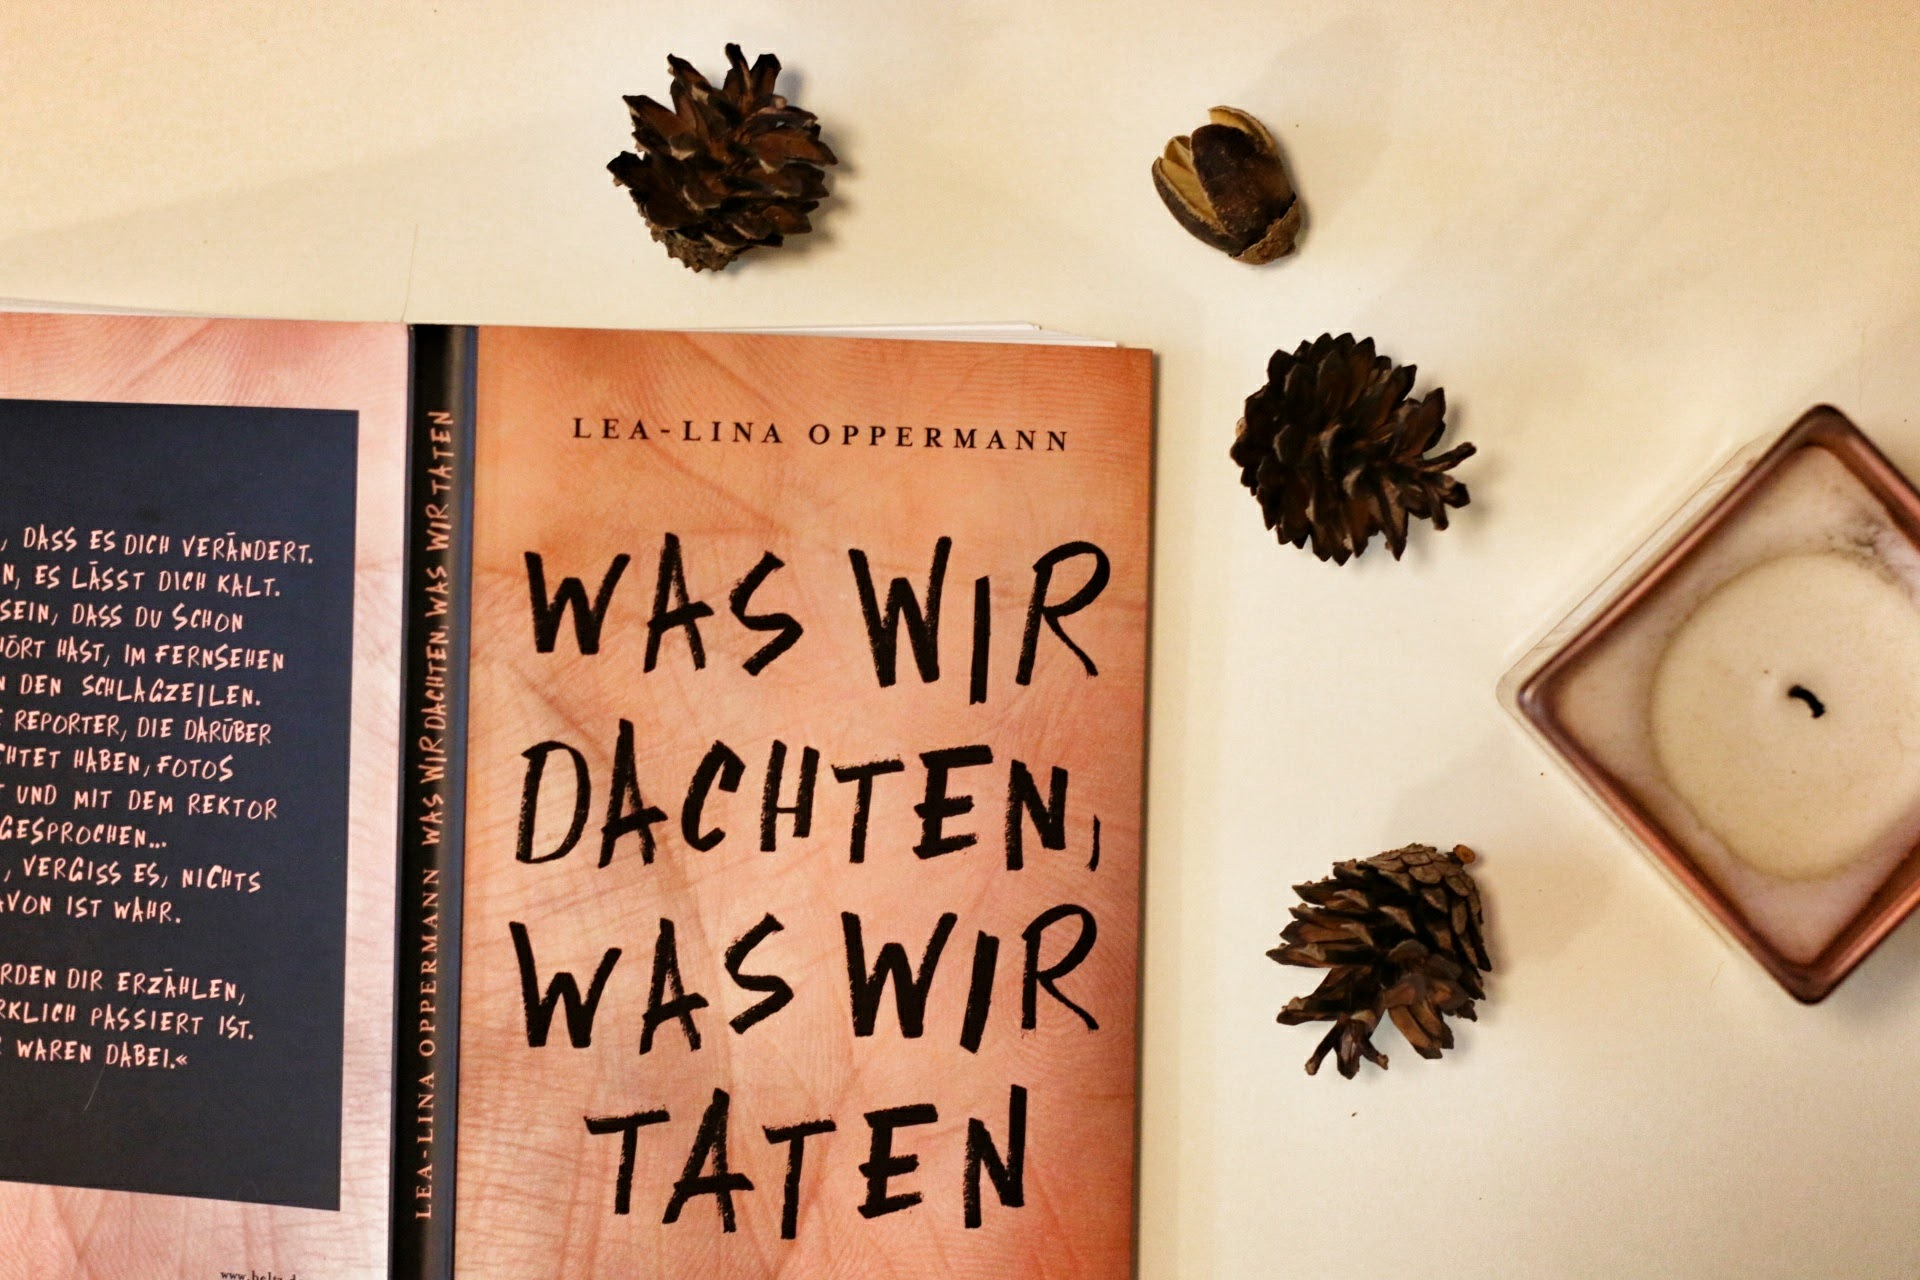 Was wir dachten was wir taten Lea-Lina Oppermann Roman Jugendbuch Beltz & Gelberg Verlag Rezension